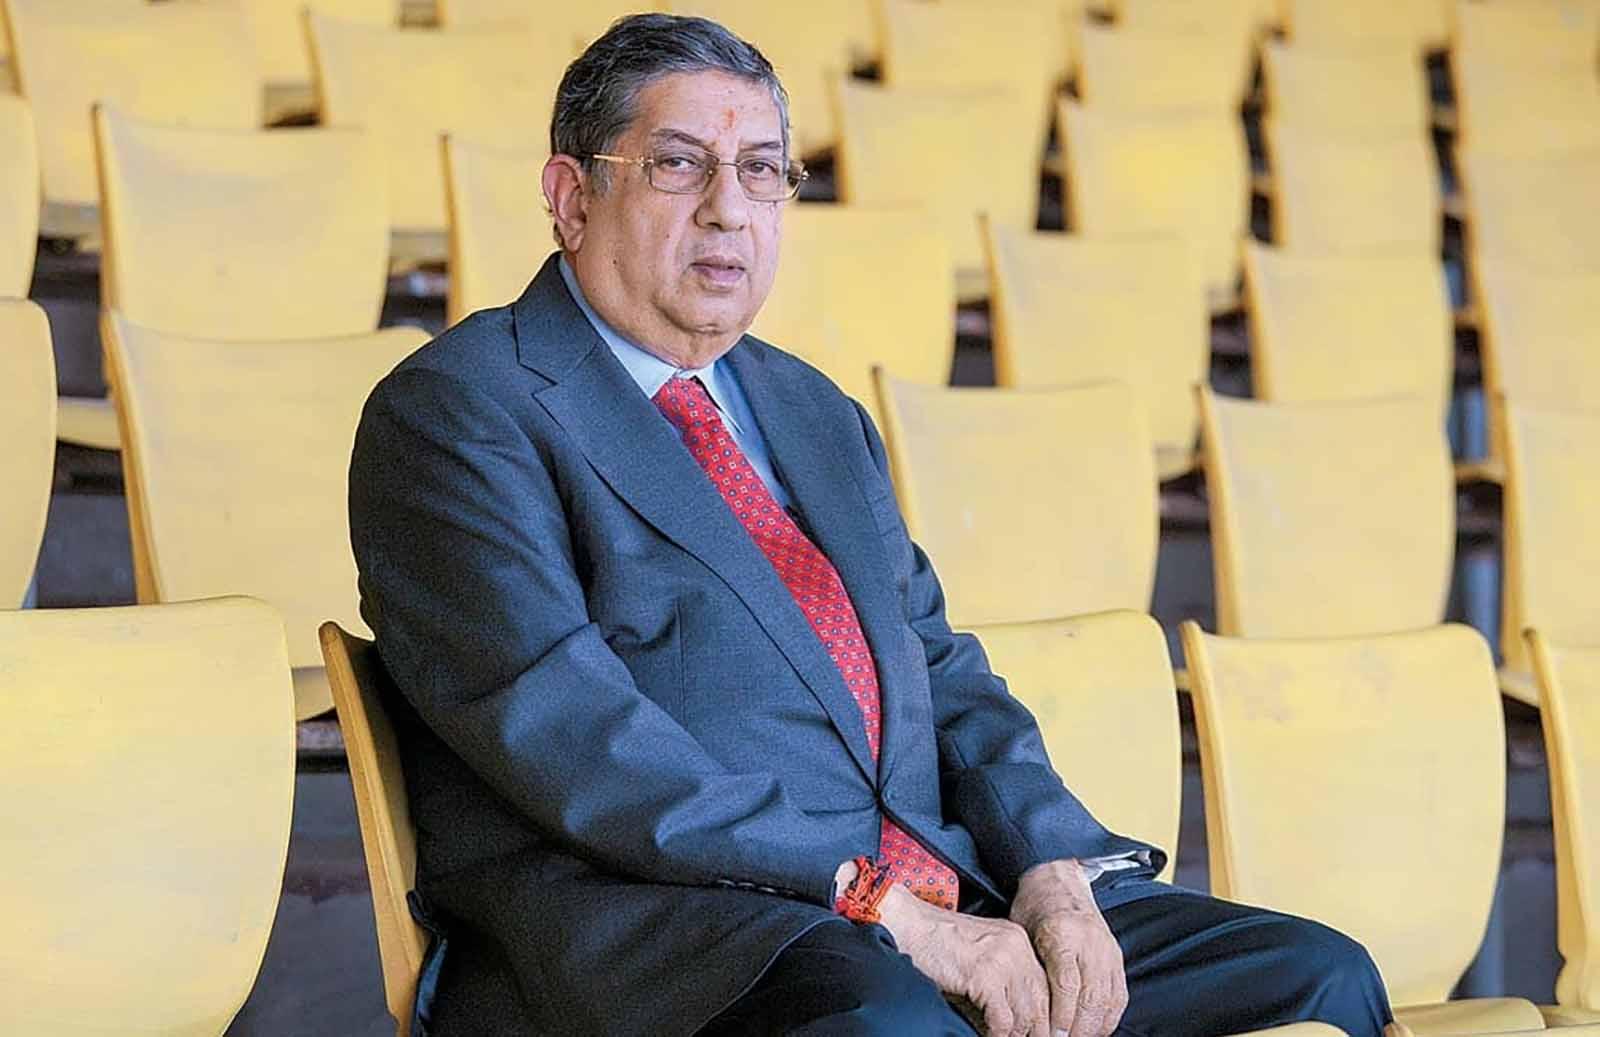 'Suresh Raina like son. But don't own him,' says N. Srinivasan